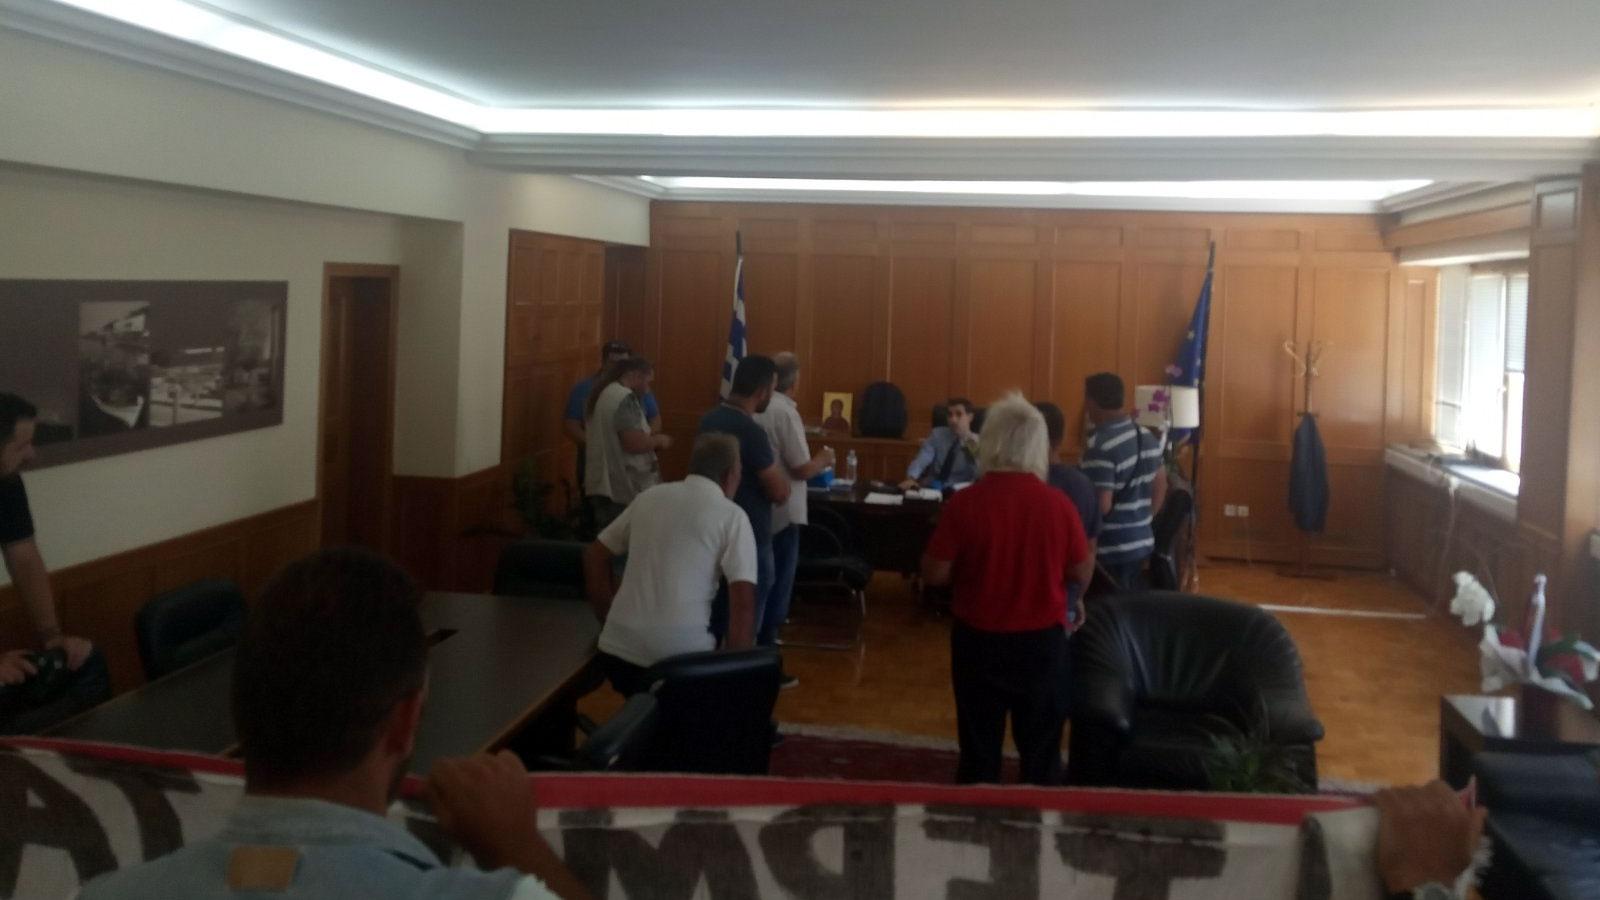 Ομοσπονδία Αγροτικών Συλλόγων Ηλείας: Μαζική κινητοποίηση στον Πύργο για τα προβλήματα που τους ξεκληρίζουν (photos)